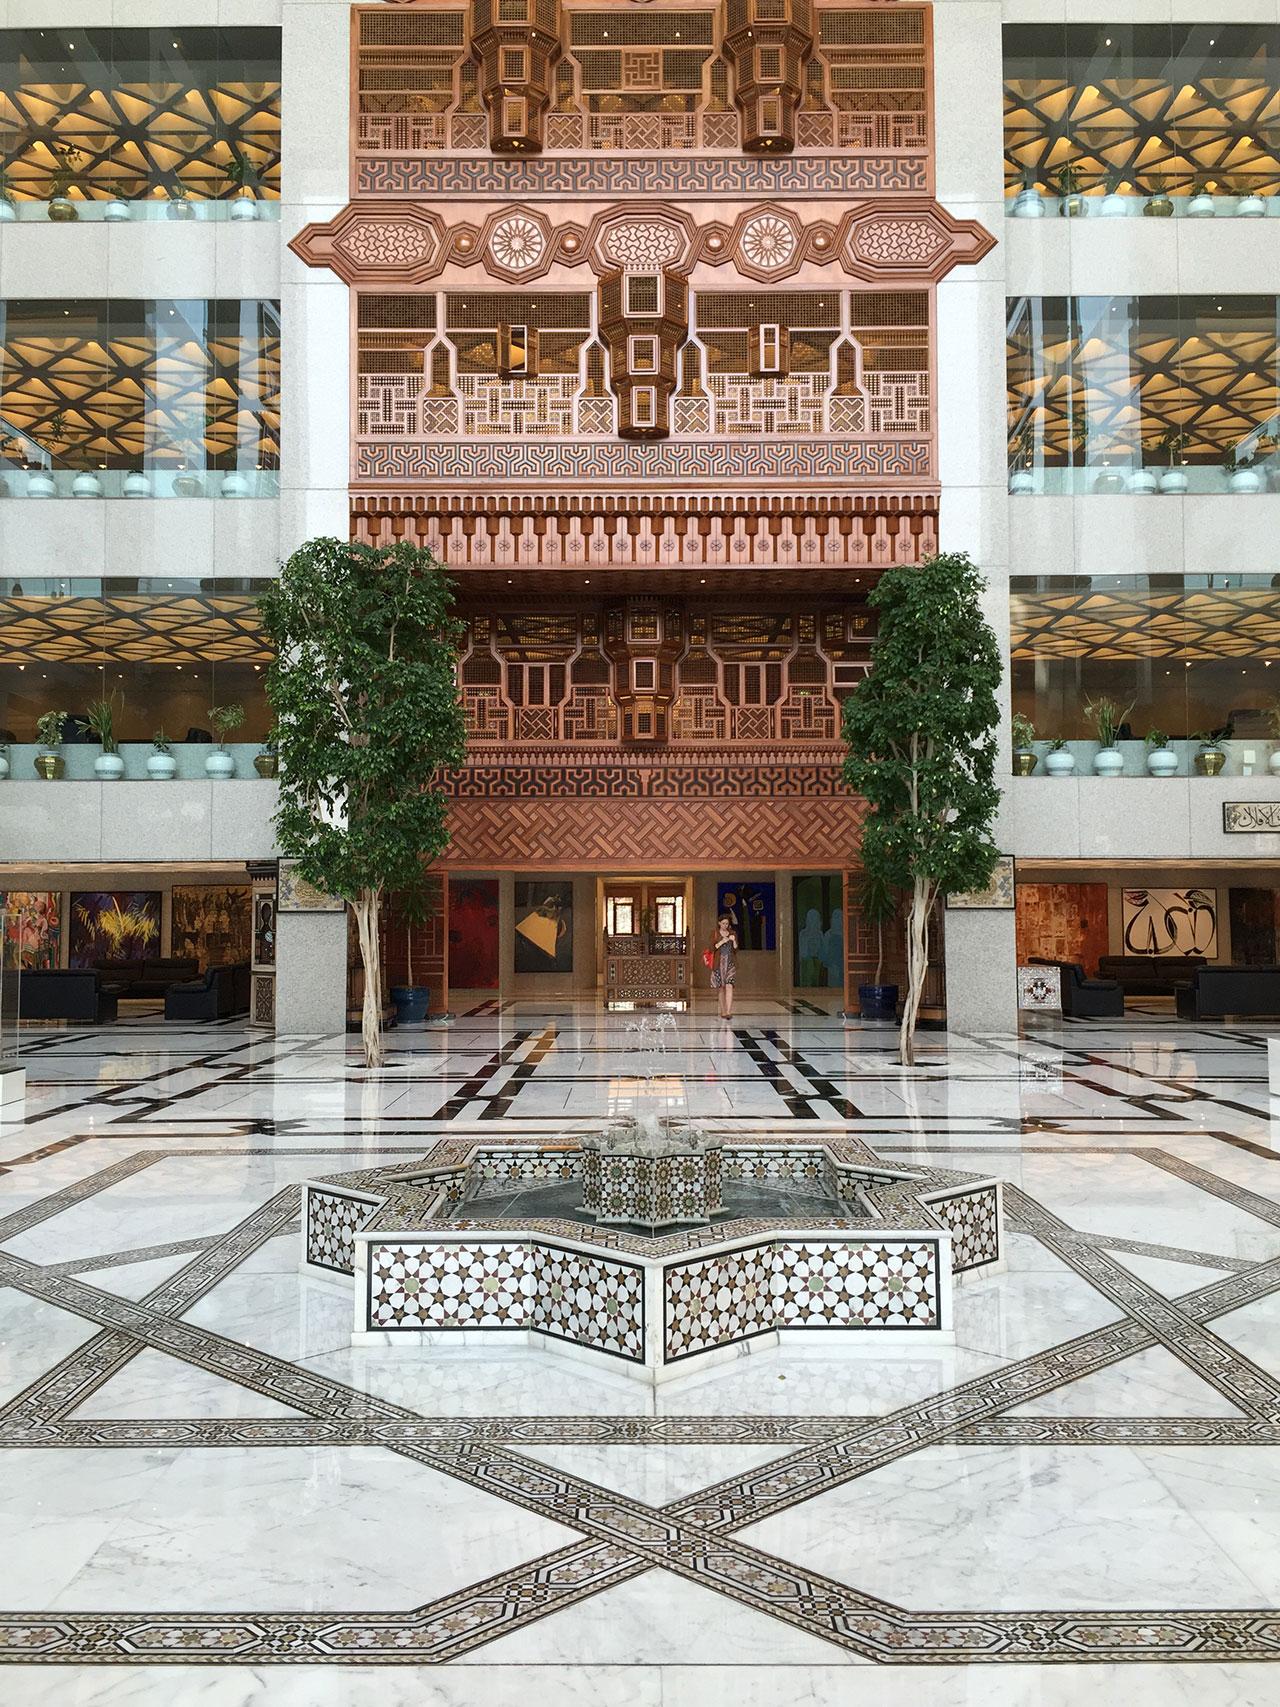 The main atrium of the Arab Fund Building.